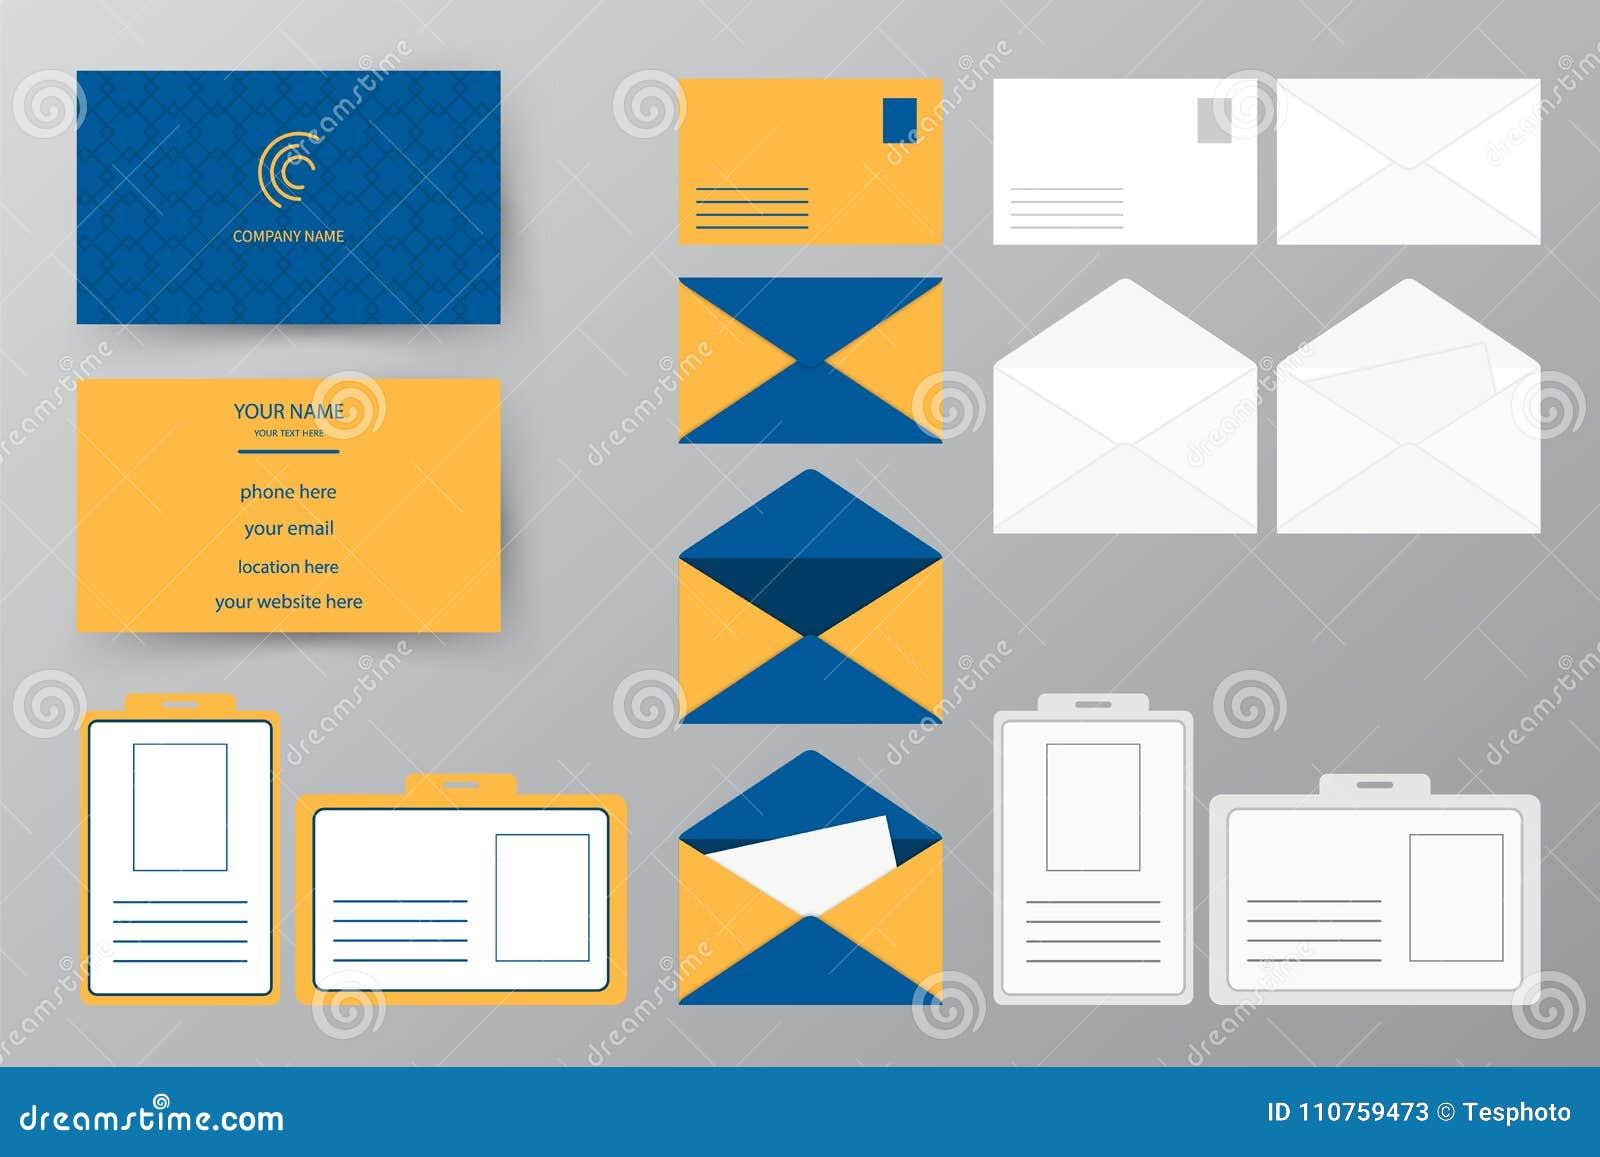 Style Conception Dillustration De Vecteur Pour Des Affaires Et Lusage Personnel Ensemble Carte Visite Professionnelle Avec L Enveloppe